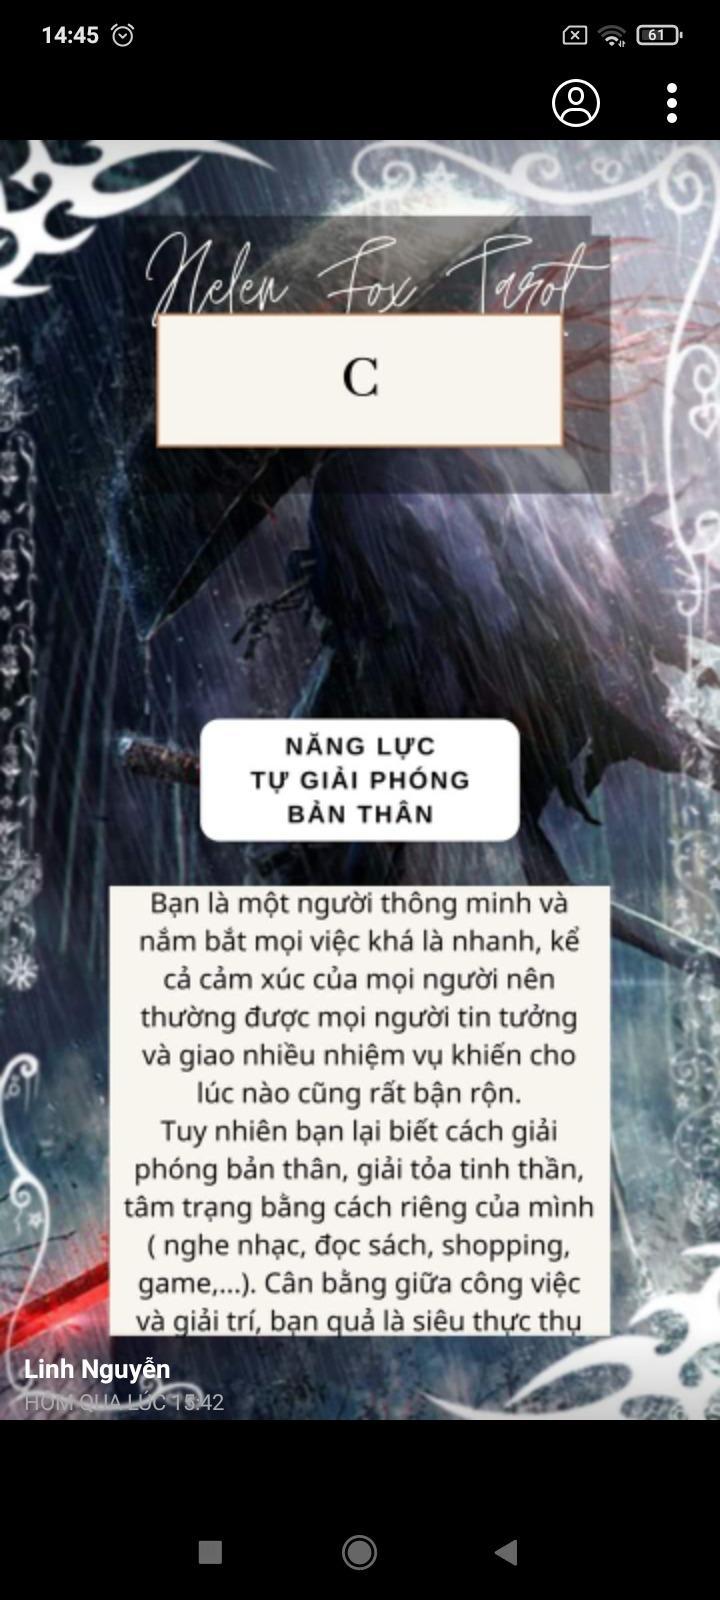 Screenshot_2021-04-23-14-45-08-875_com.facebook.katana